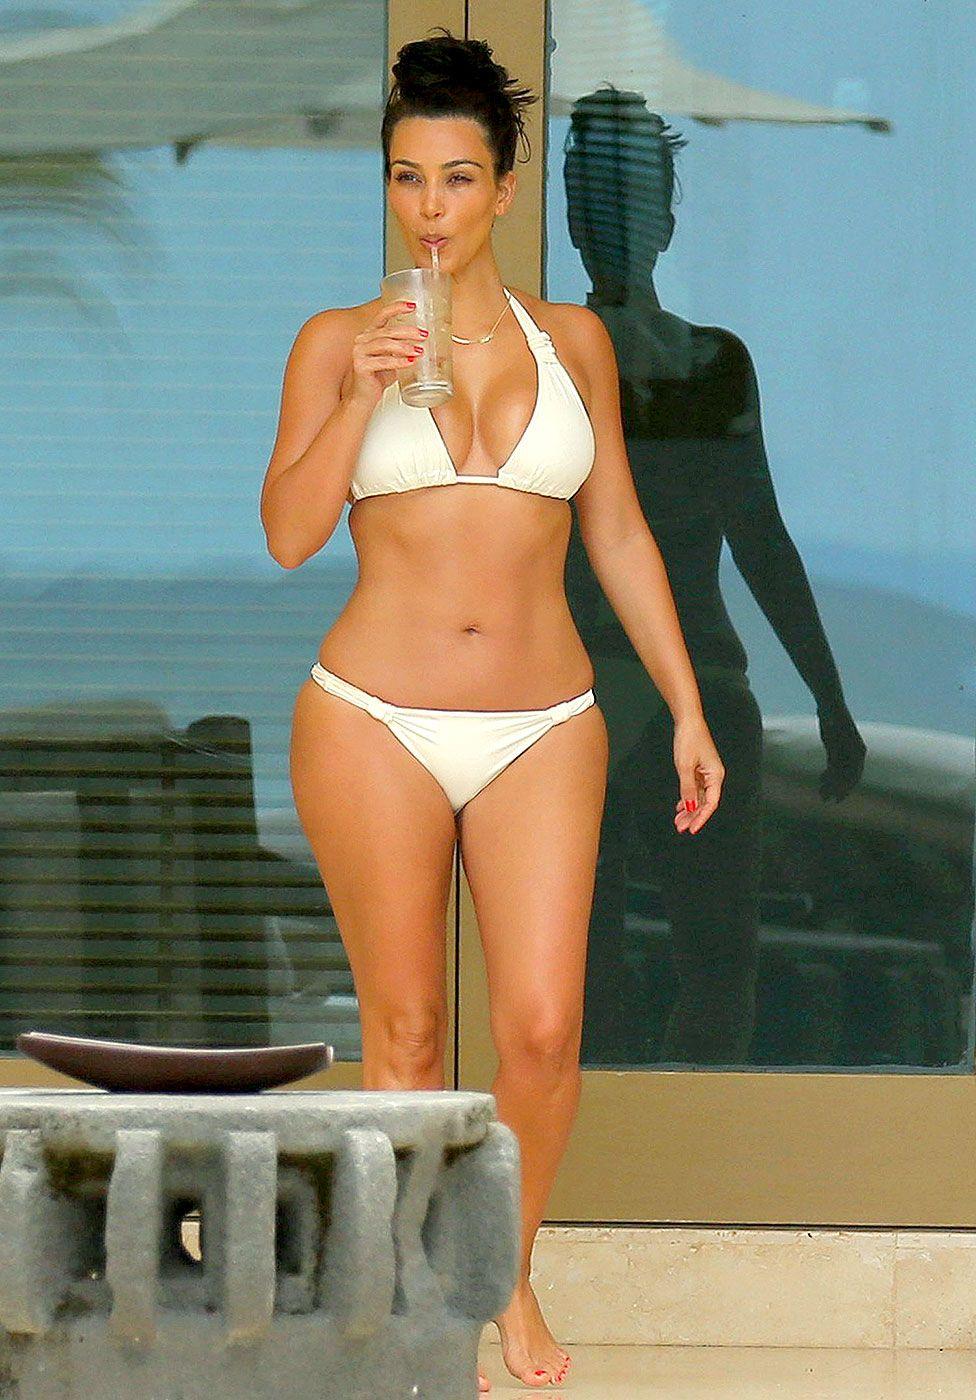 4026c0c81ca Kim Kardashian Rocks Sexy White Bikini on Second Honeymoon With Kanye West  in Mexico  celebs  bikini  hot  sexy  photography  body  babes  girls   women ...